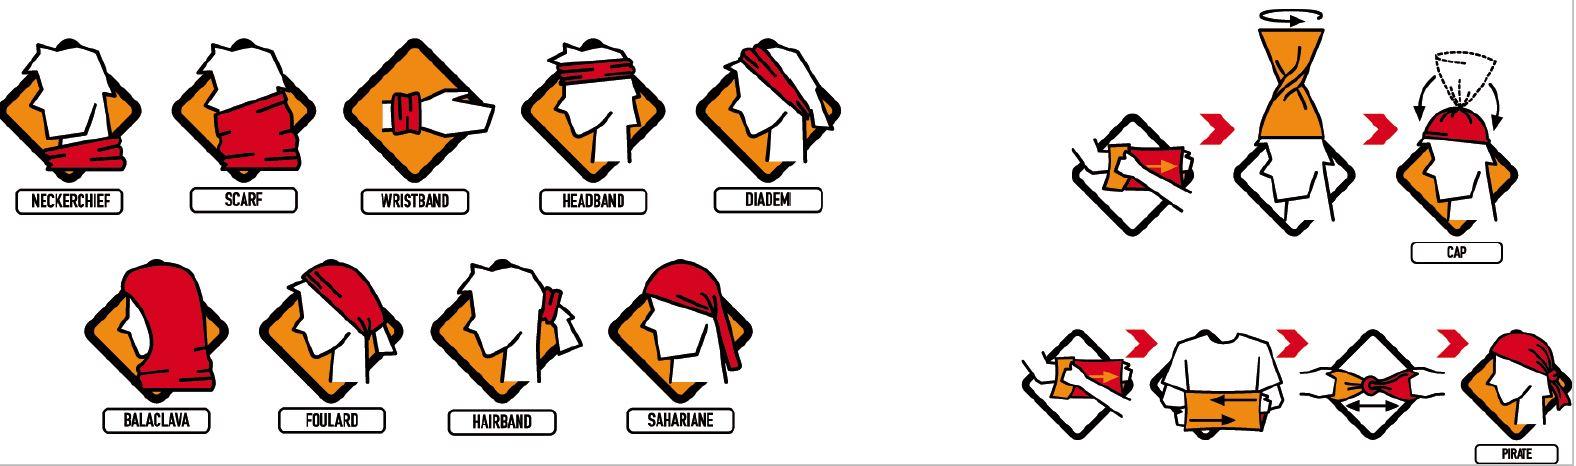 Buff Möglichkeiten Tragen Masken Einsatz